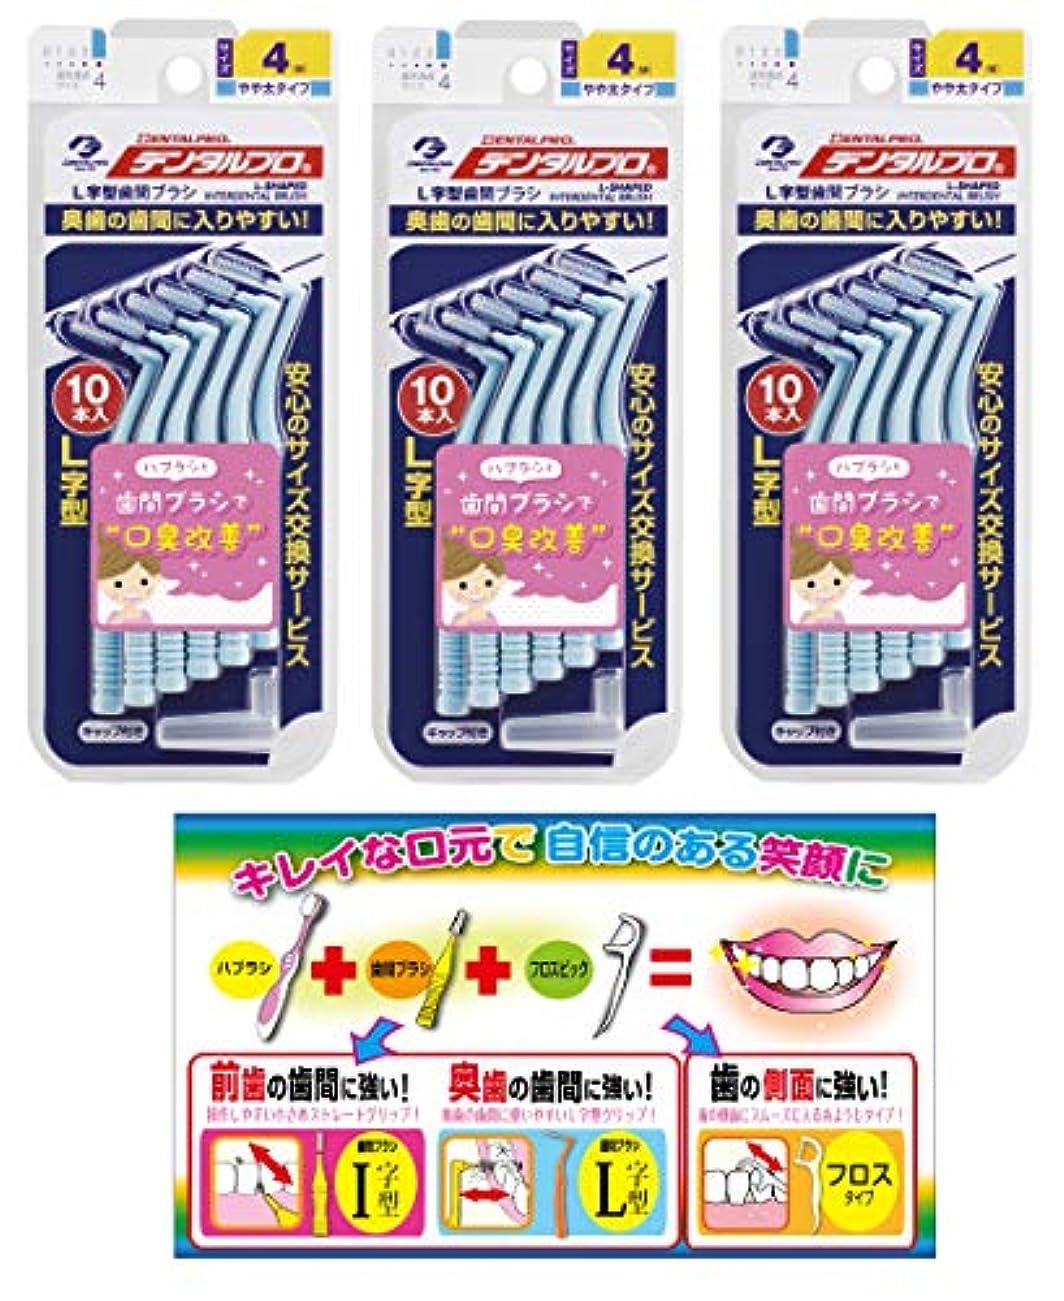 ペット反動ワーカー【Amazon.co.jp限定】DP歯間ブラシL字型10本入サイズ4 3P+リーフレット